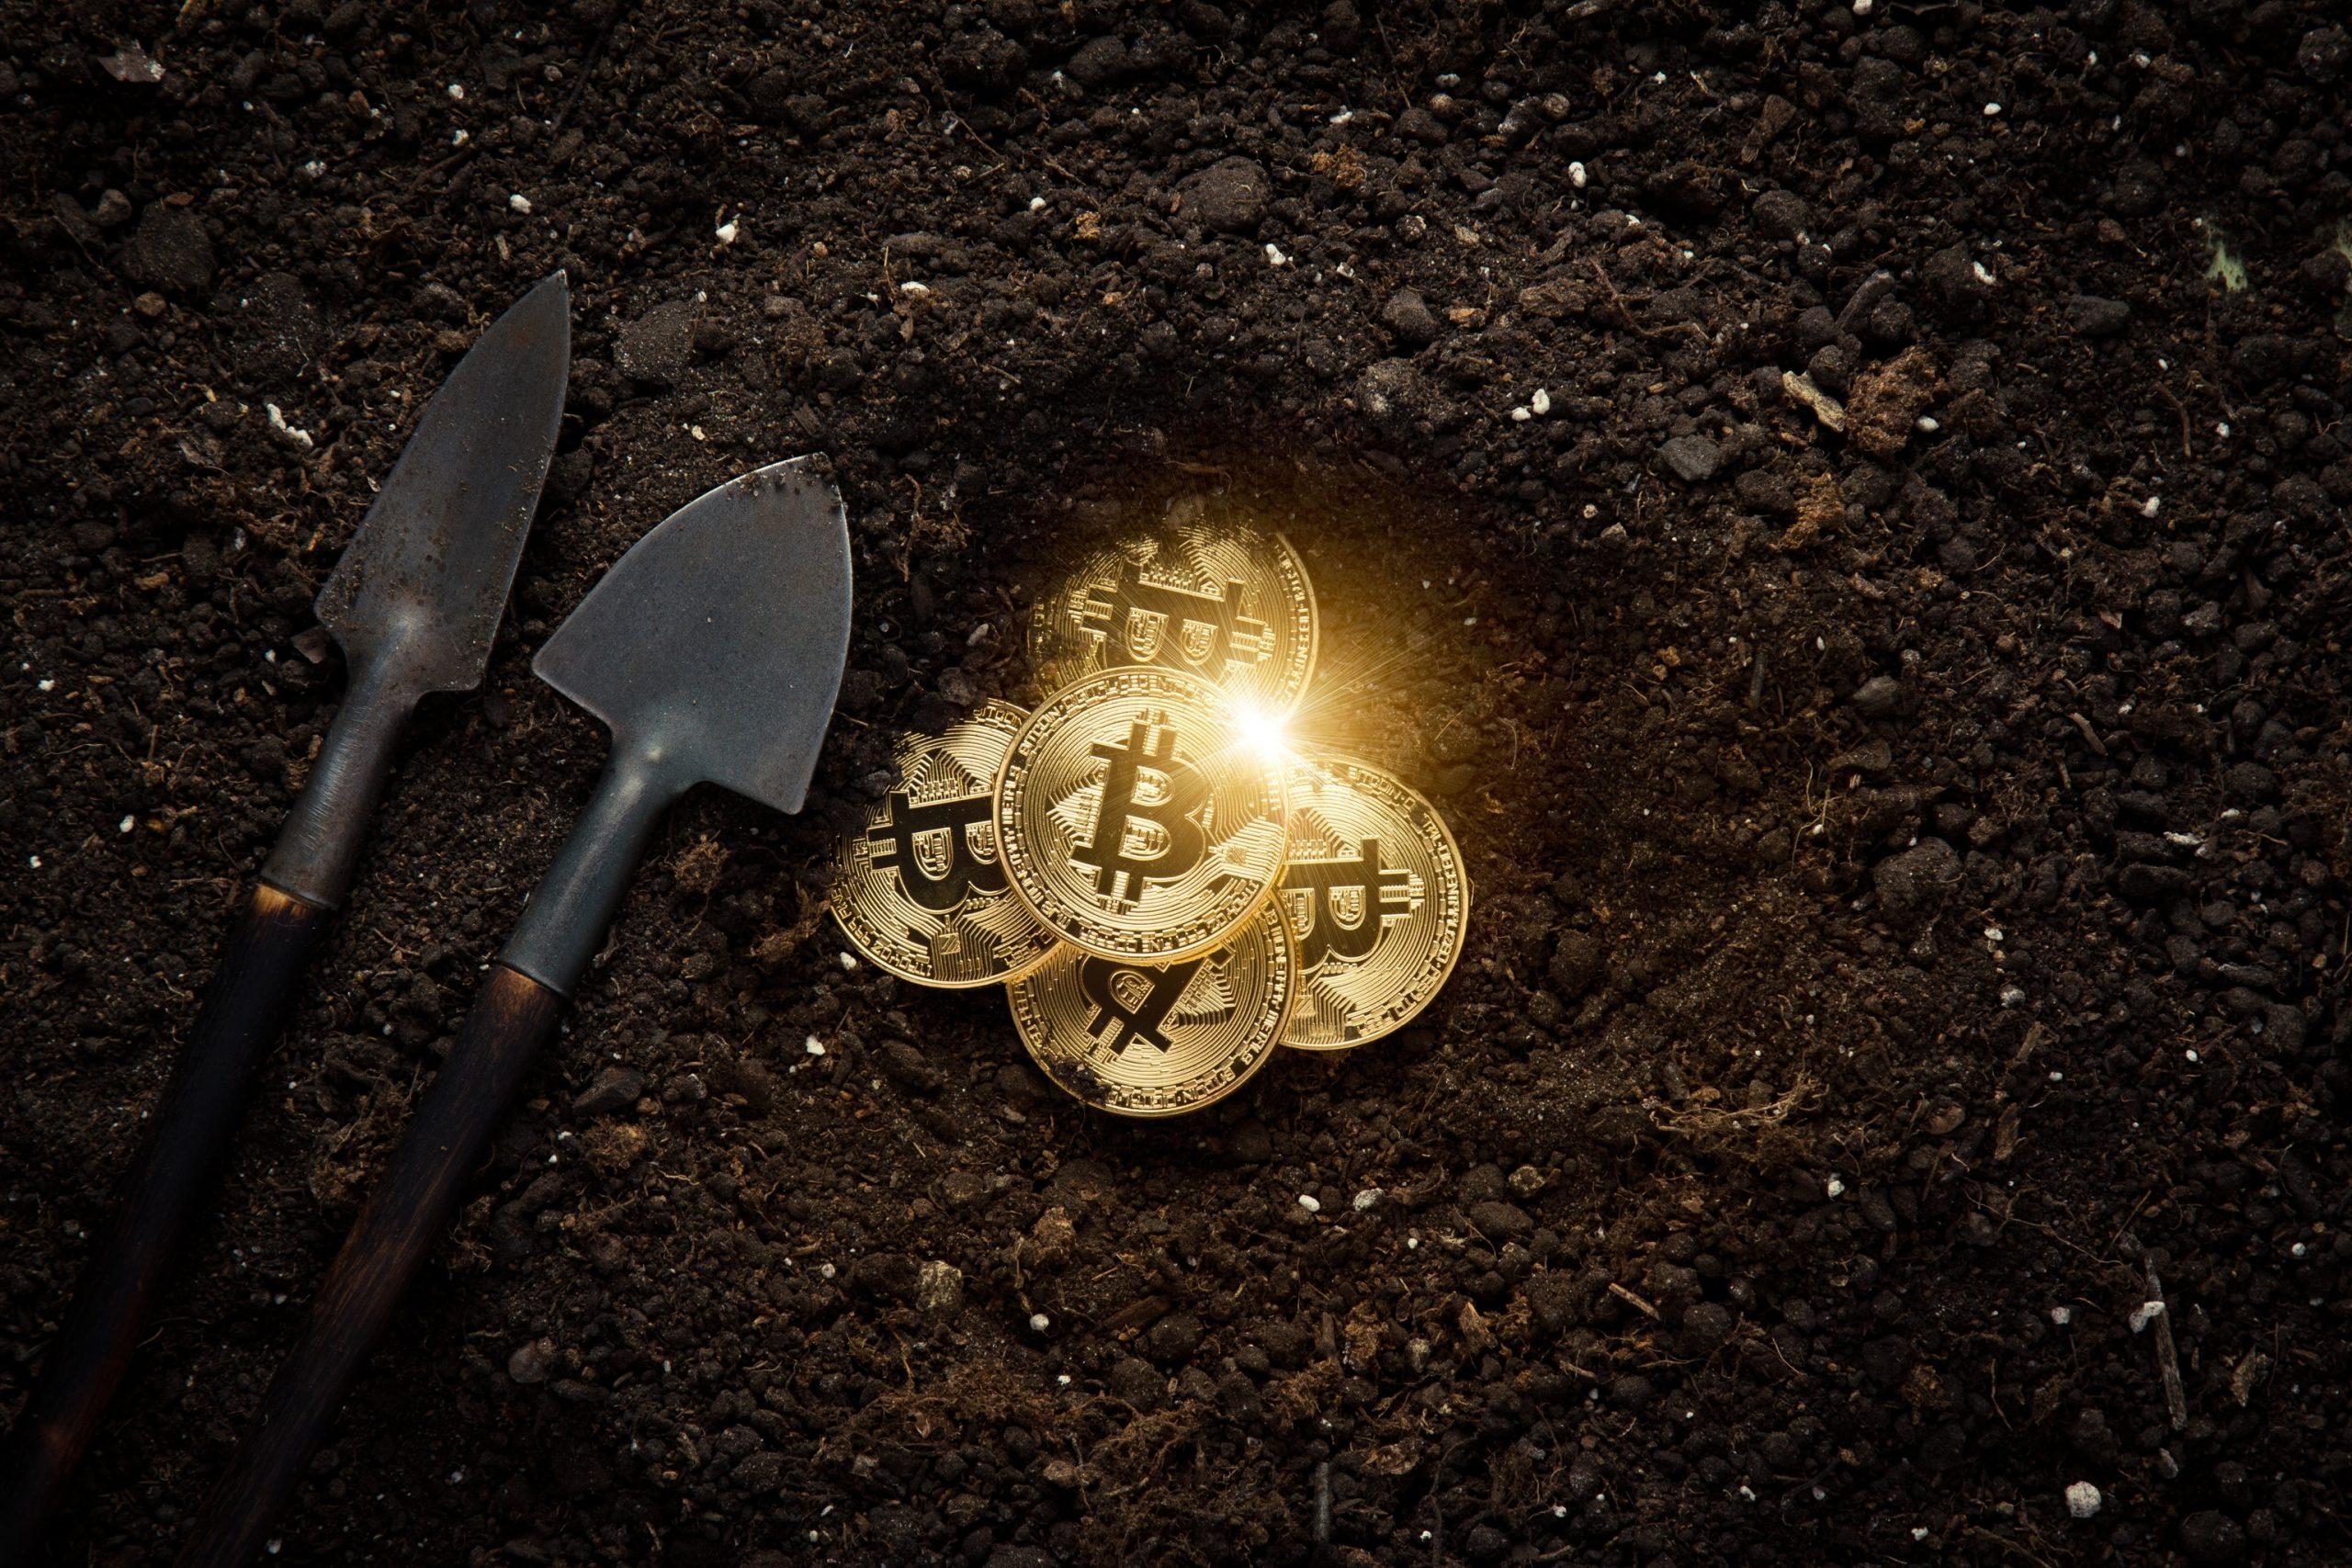 Zwei kleine Schaufeln liegen auf der Erde. Daneben ist ein gegrabenes Loch mit Bitcoin-Münzen.